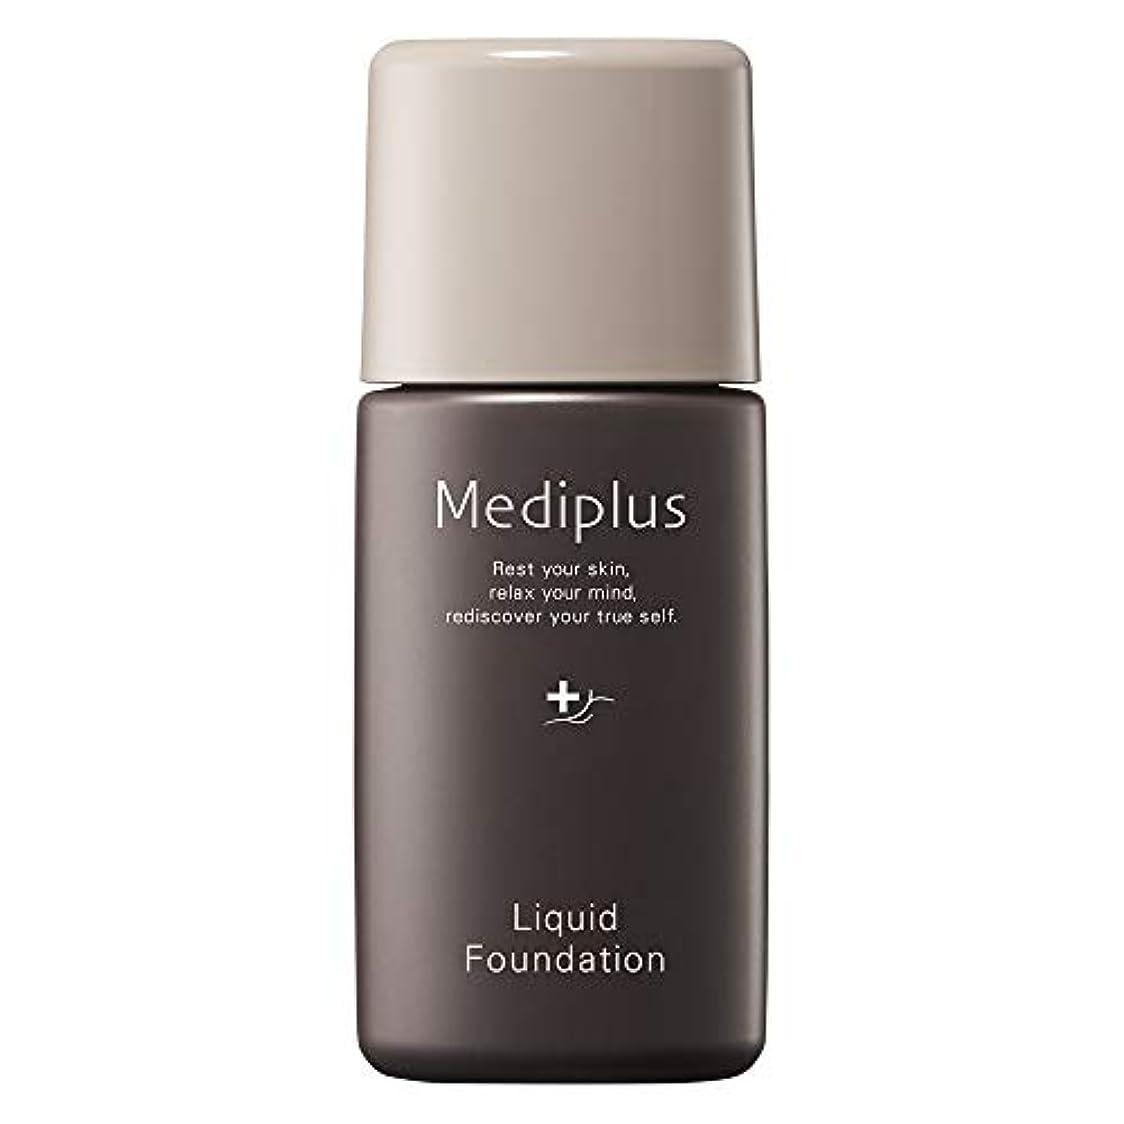 トランク未来暴力mediplus メディプラス リキッドファンデーション 20g (約4~5ヵ月分) (ライト)